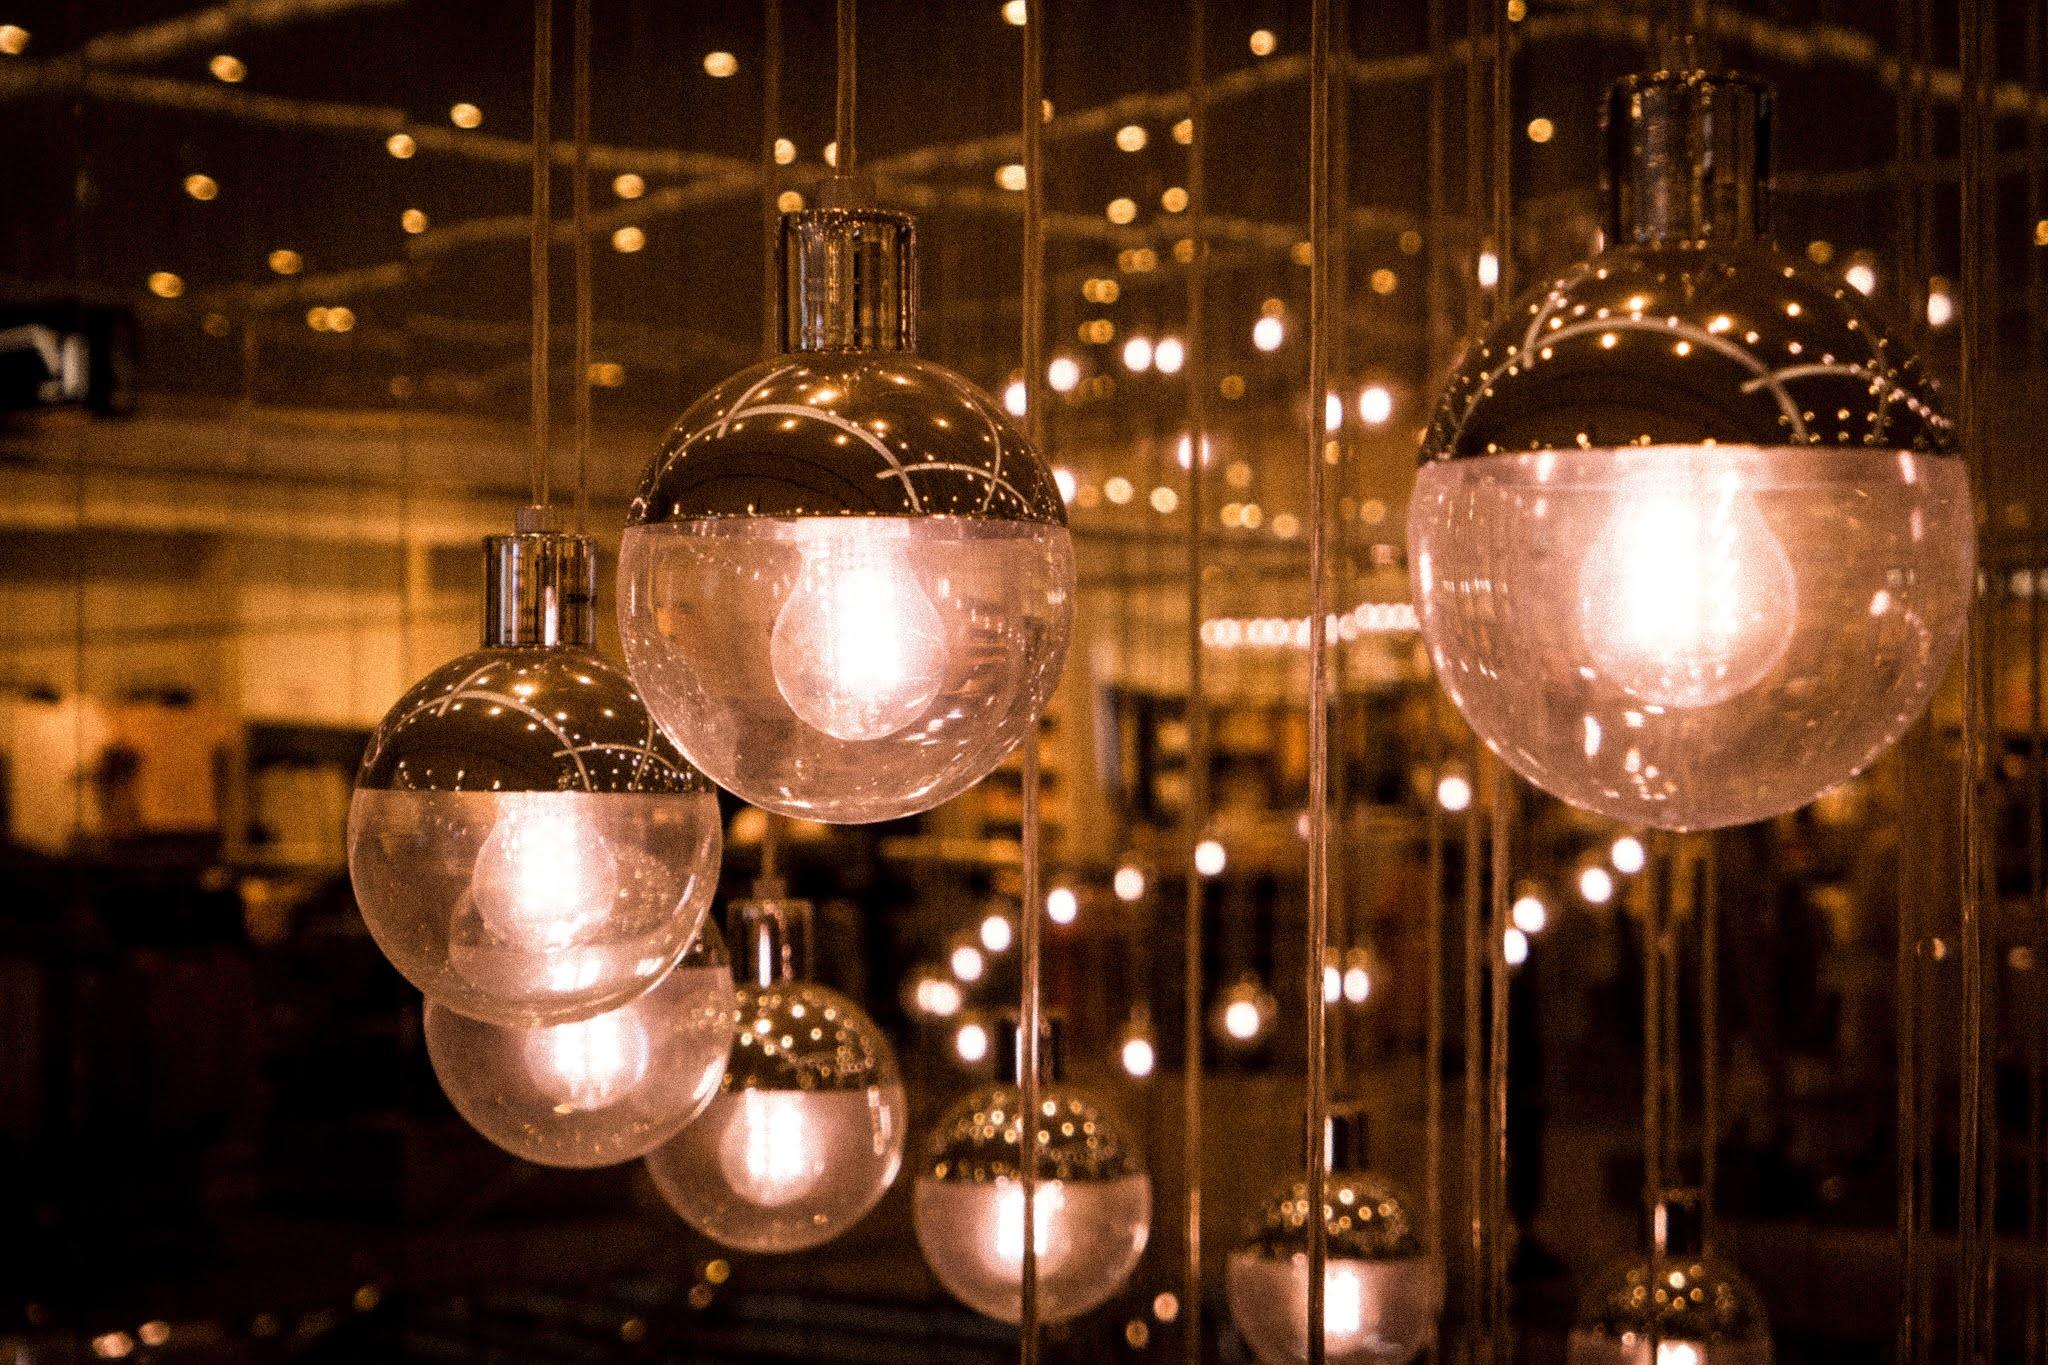 Τι είναι τα φωτιστικά οροφής και κρεμαστά φωτιστικά